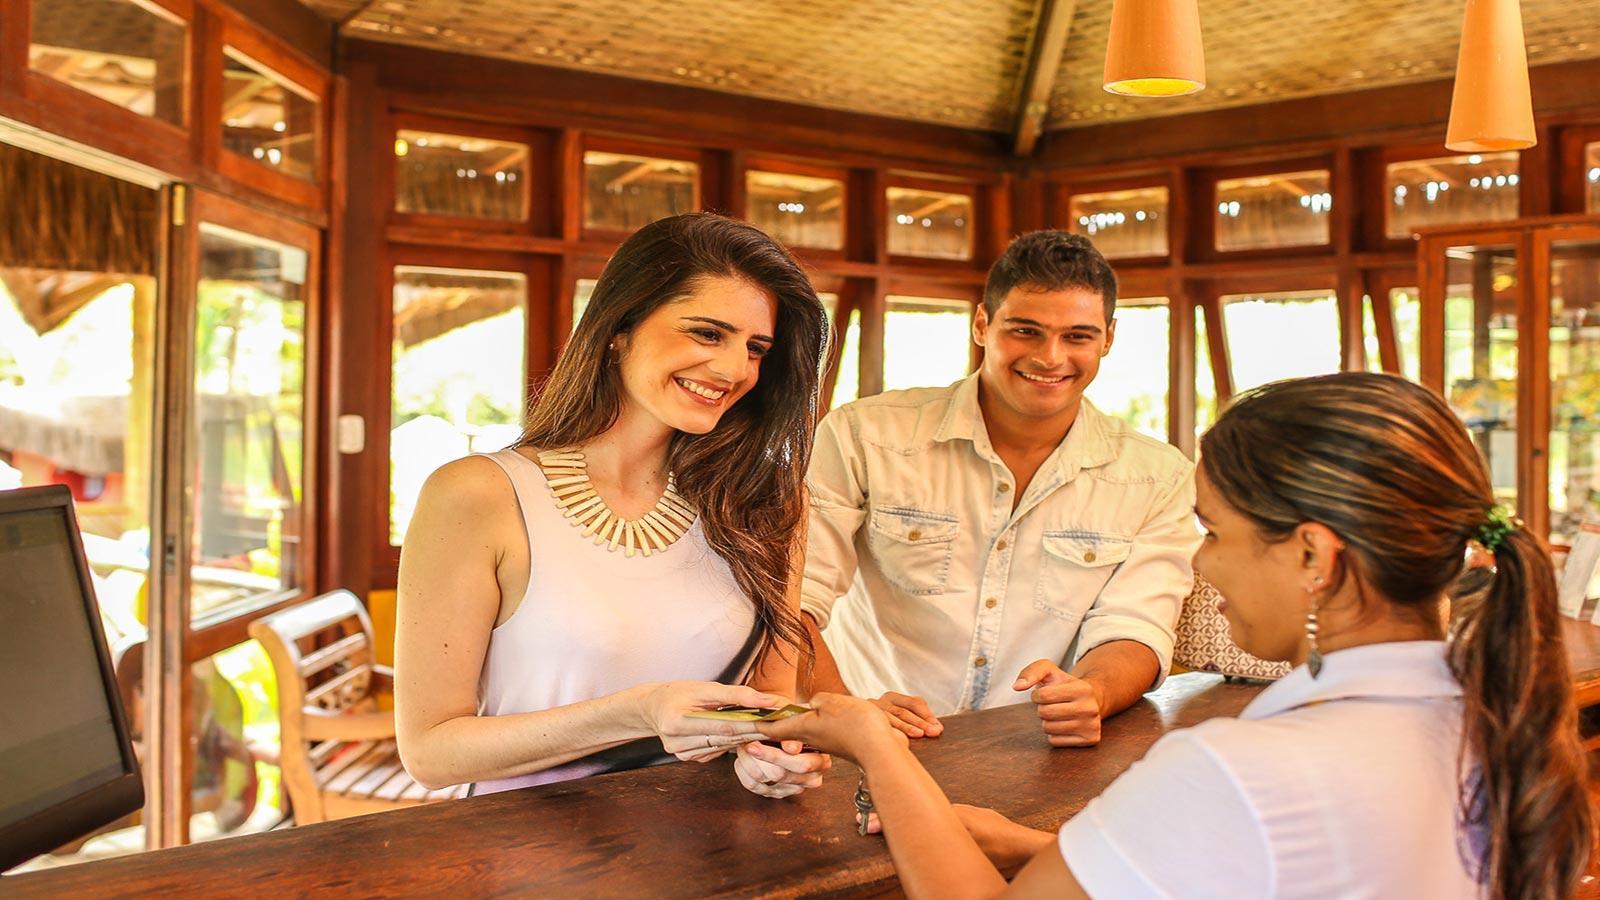 Ecoporan Hotel melhor hotel em Itacaré Bahia 80